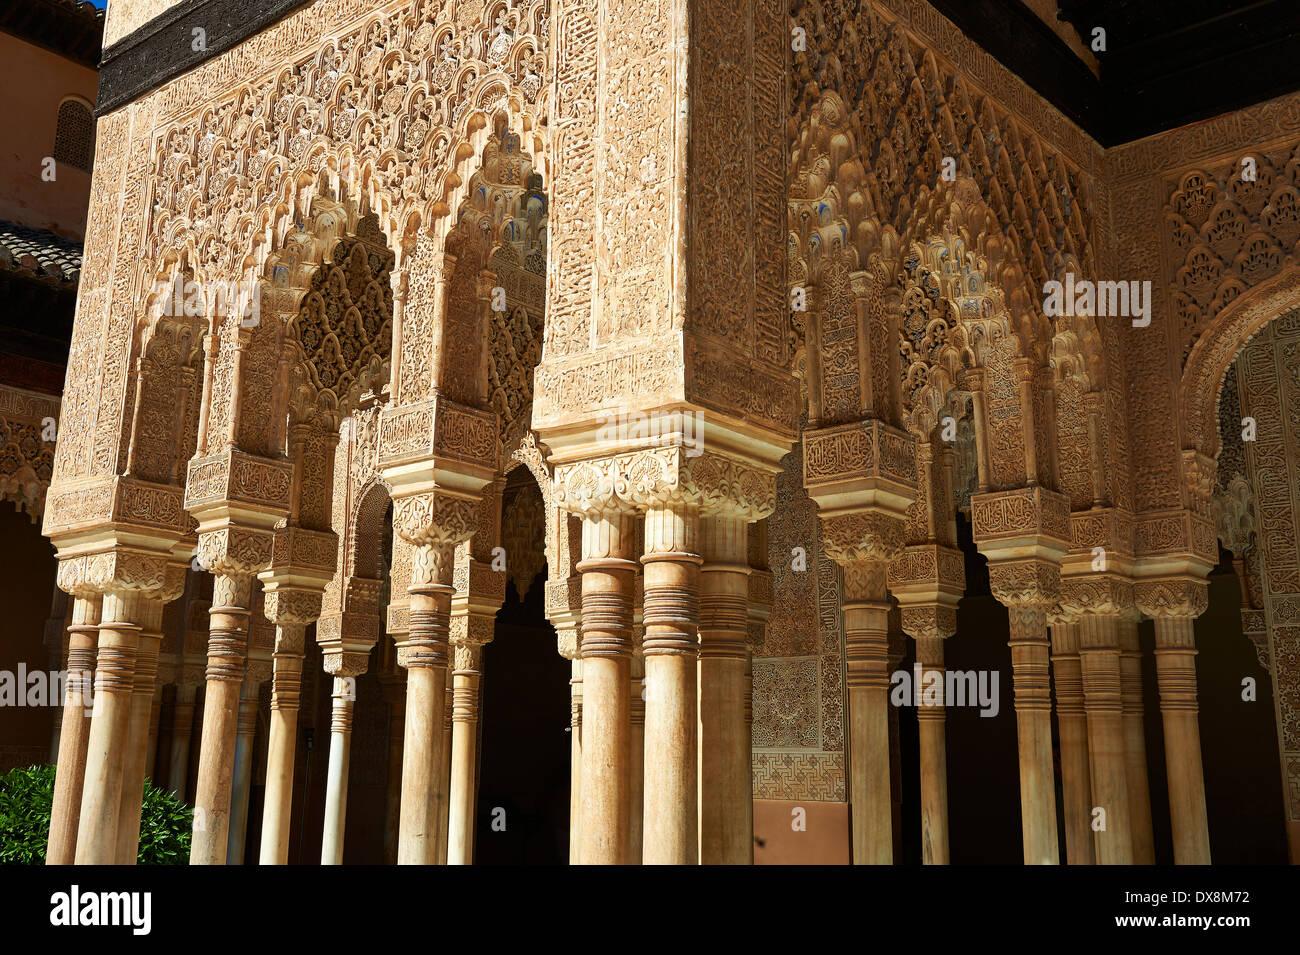 Mocarabe nasride Arabesque architecture mauresque de la Cour des Lions de l'Palacios Nazaries, à l'Alhambra. Grenade, Photo Stock